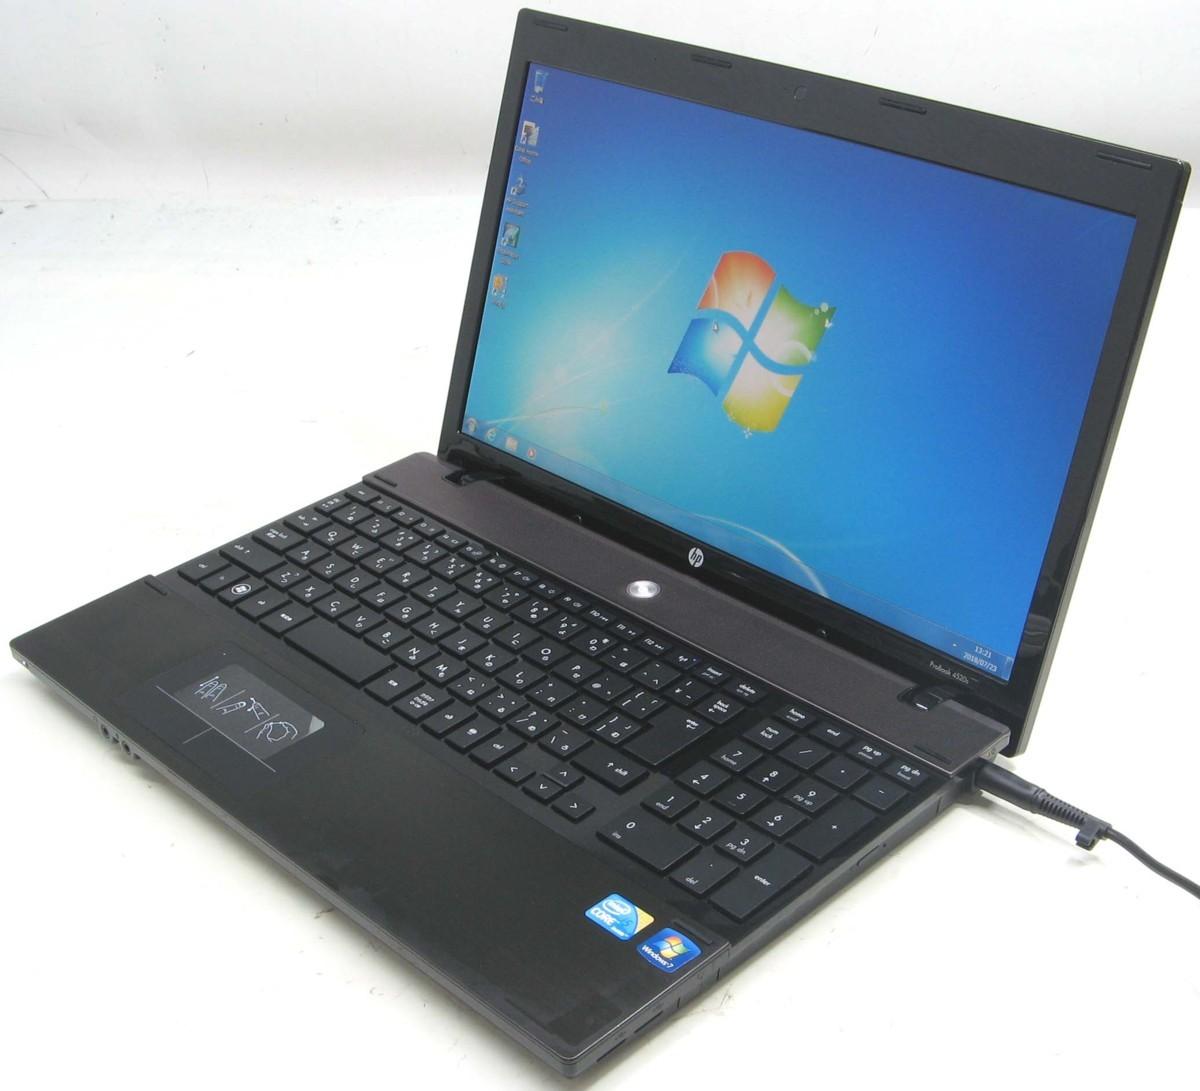 中古ノートパソコン HP ProBook 4520S(ヒューレット・パッカード Windows7 Corei5 HDMI出力端子 DVDスーパーマルチドライブ)【中古】【中古パソコン/中古PC】